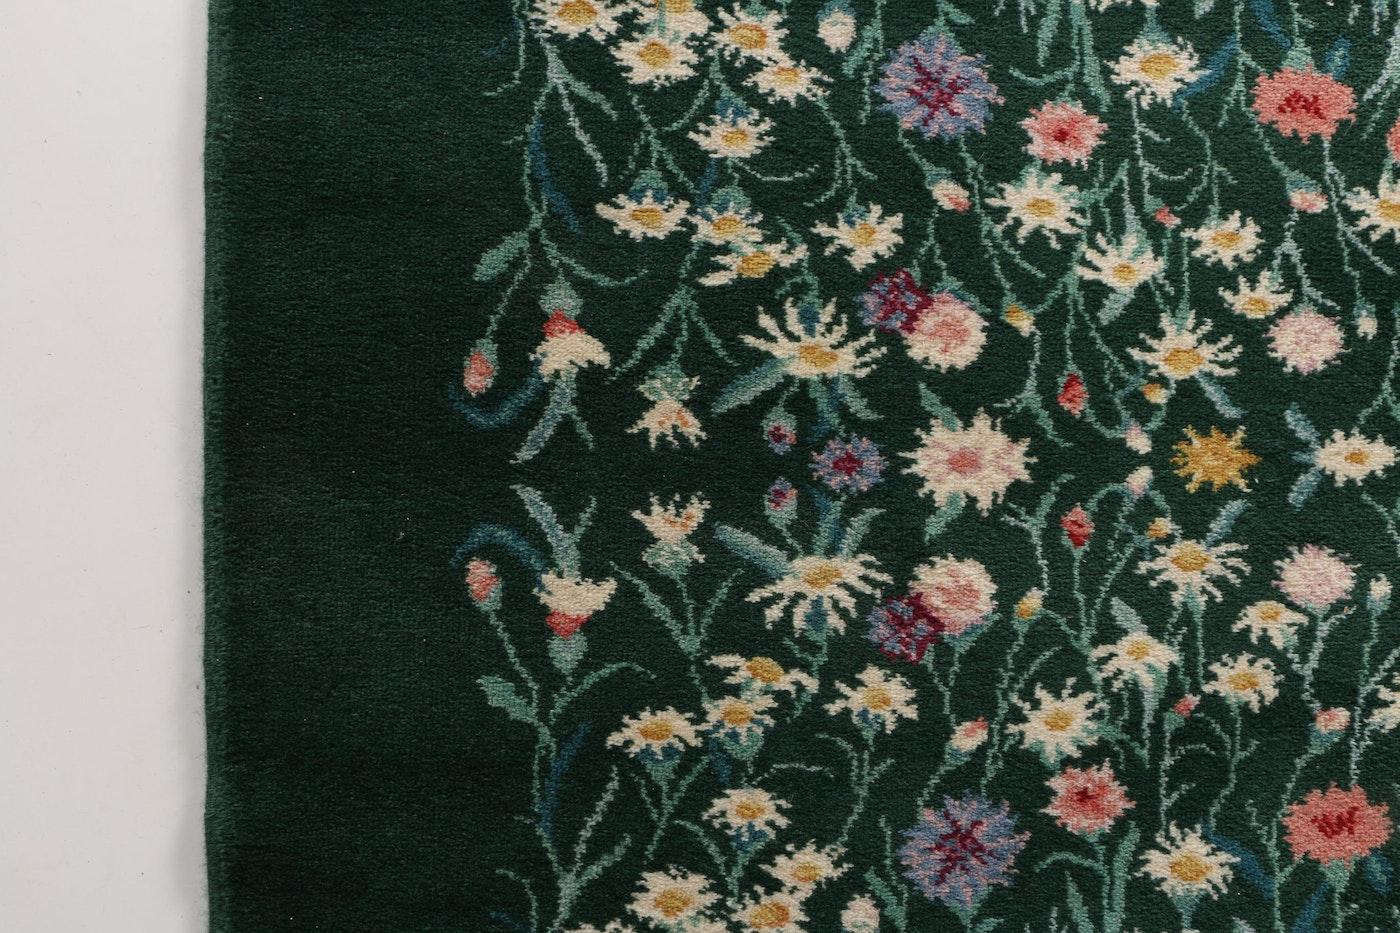 Karastan Quot The Garden Of Eden Collection Quot Wool Area Rug Ebth